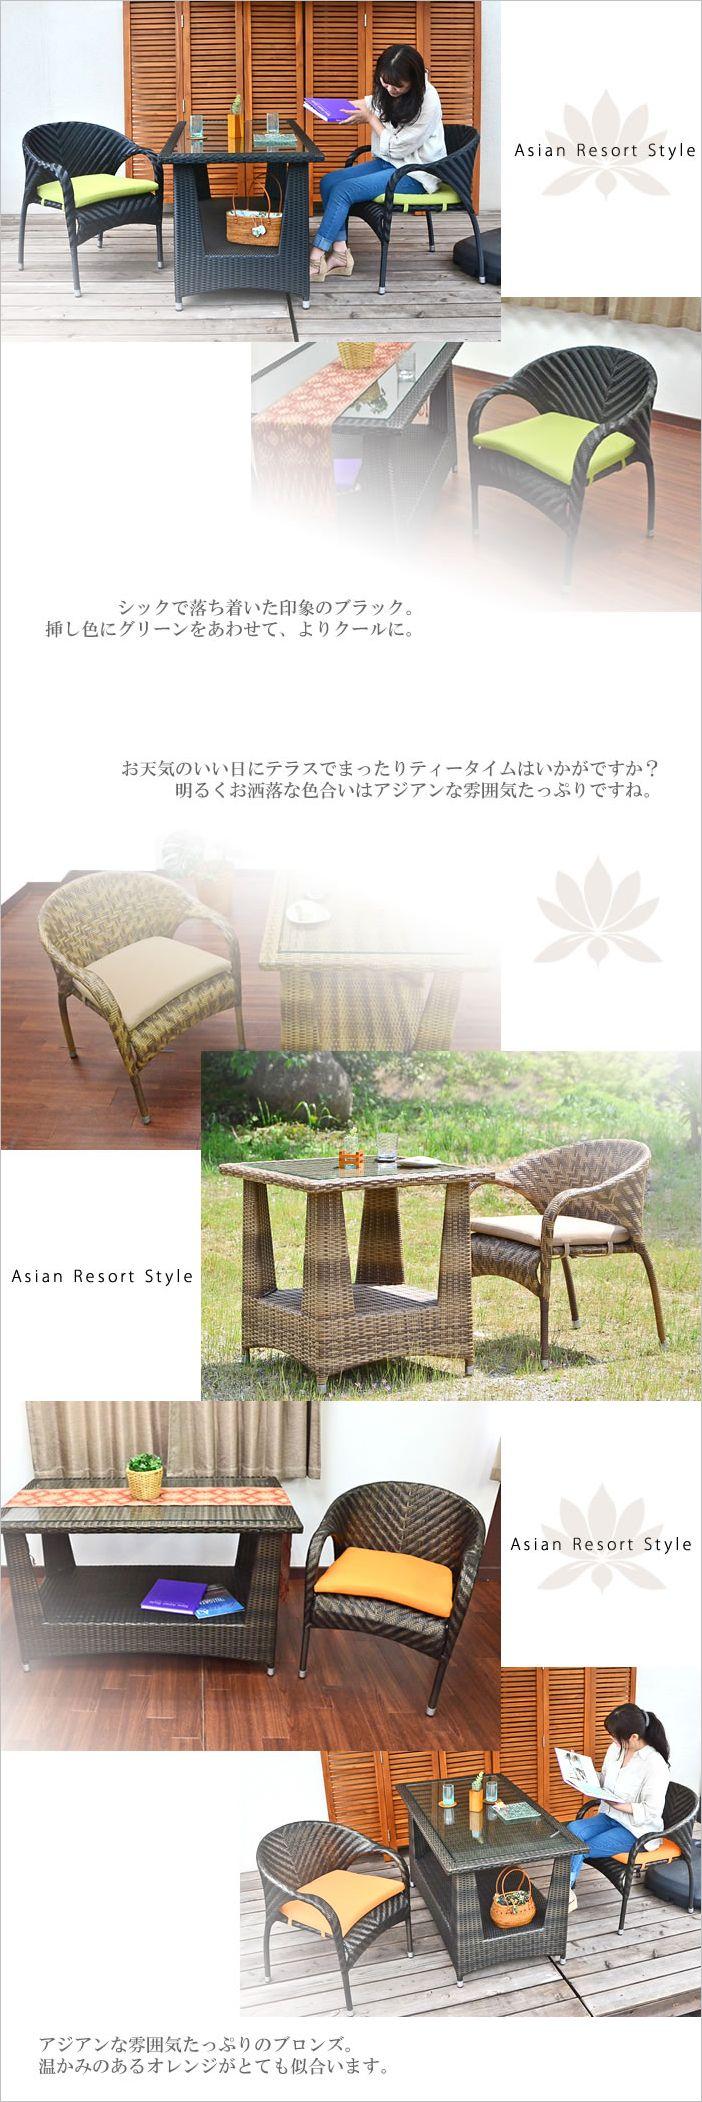 シンセティックラタン 人工ラタン,ガーデンテーブル,カフェテーブル,ウッドデッキ,バルコニー